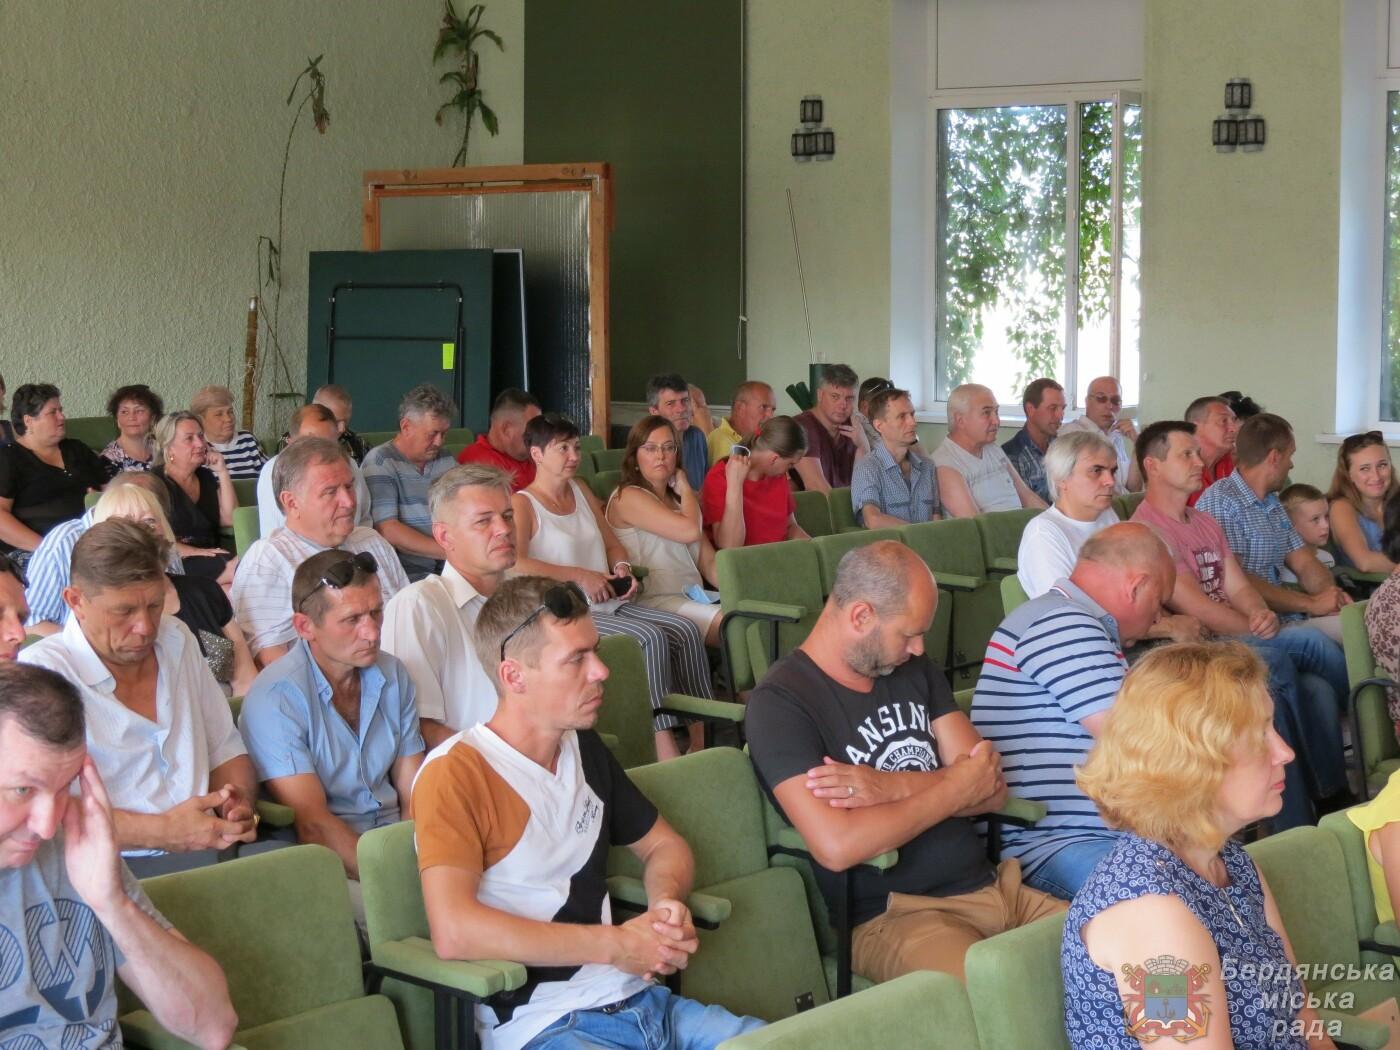 Работники Бердянского порта отмечают свой профессиональный праздник и 190 лет предприятию, фото-3